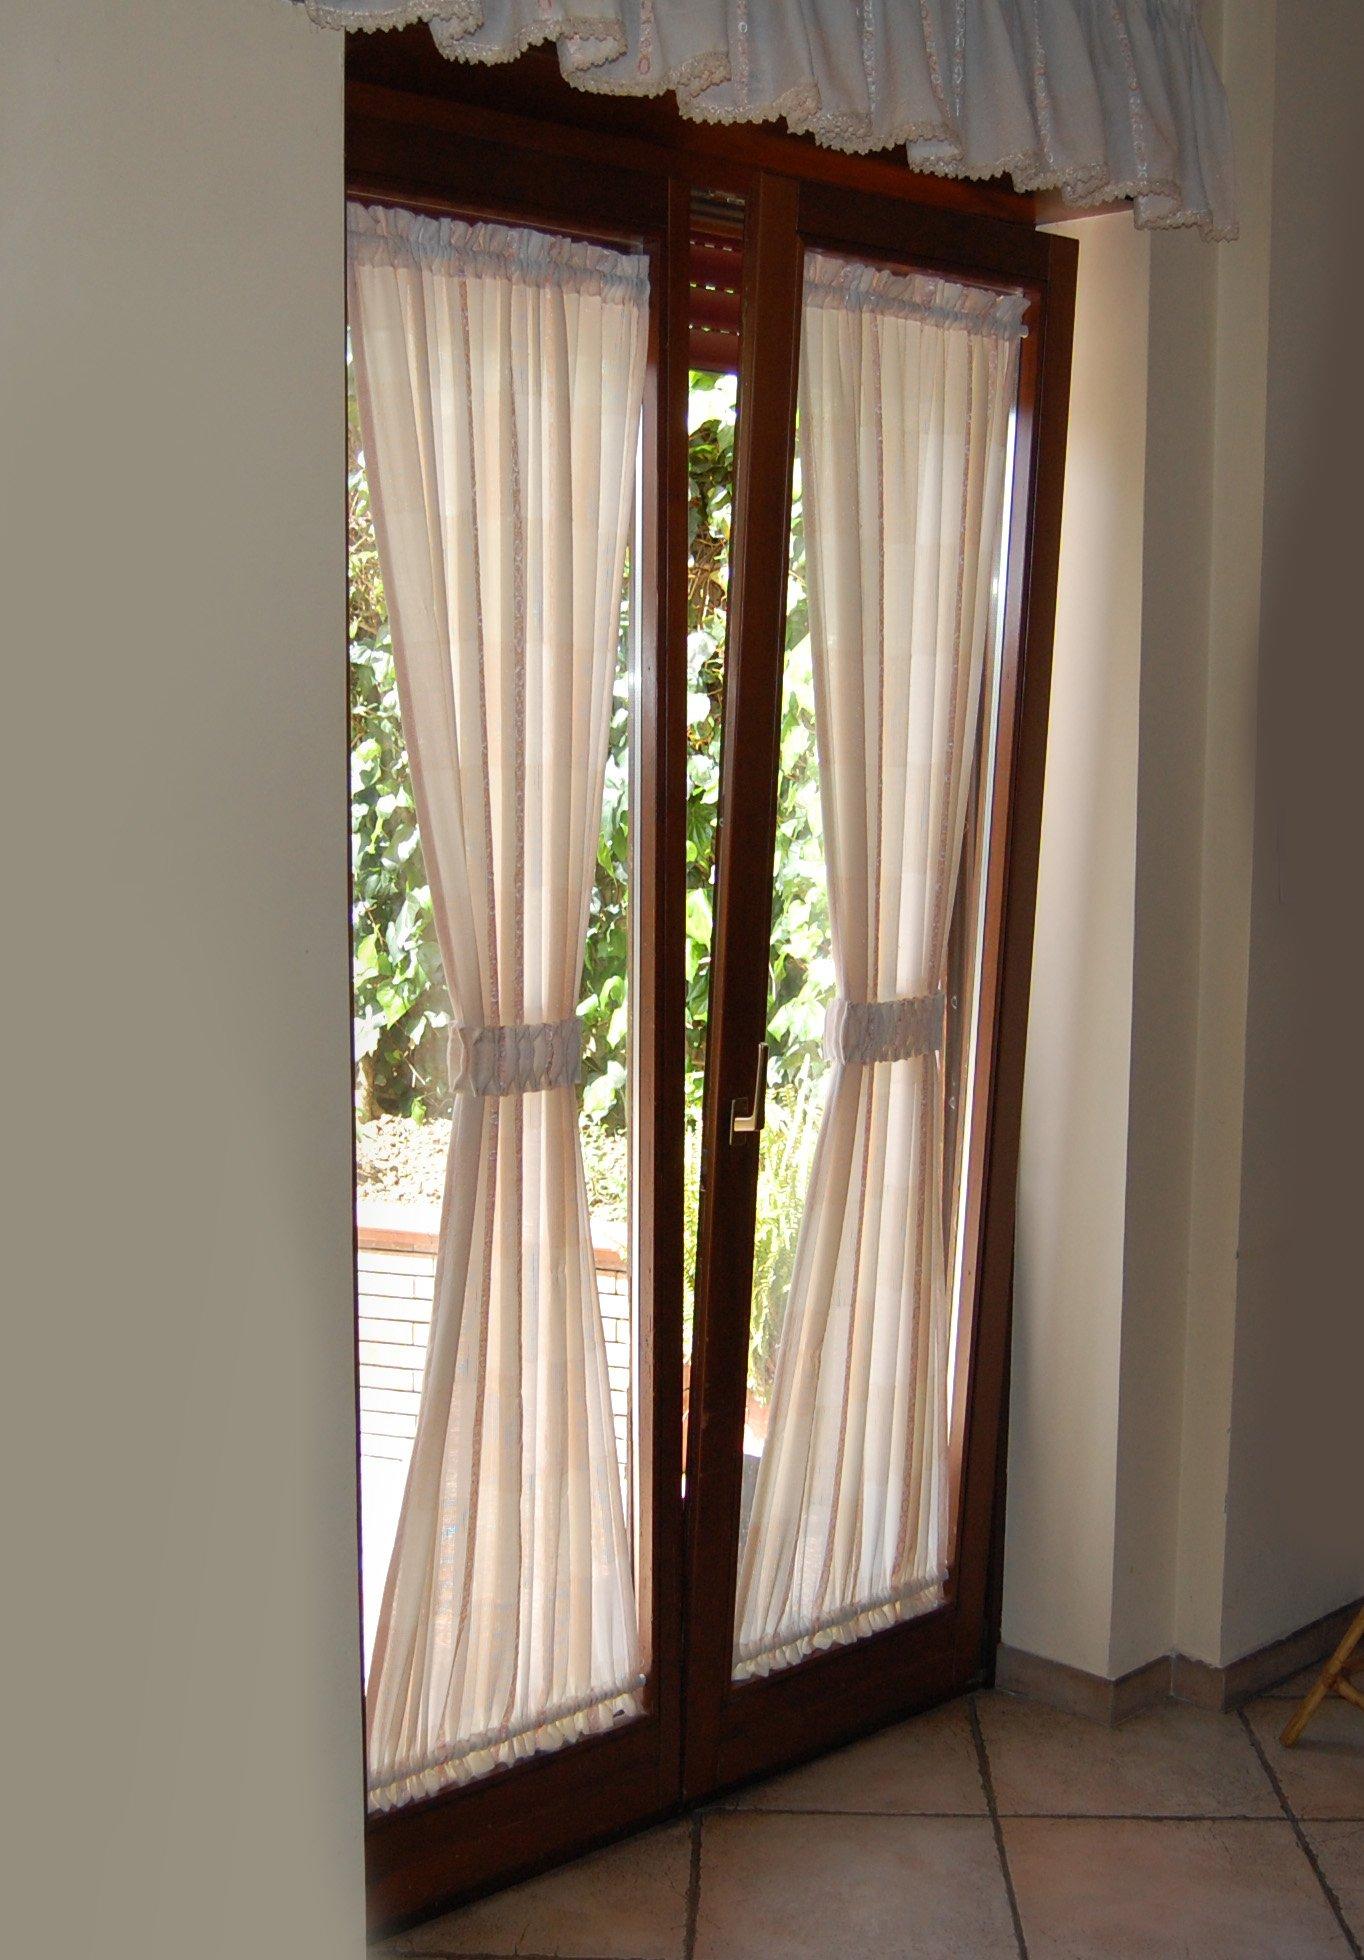 Infissi in legno baronissi salerno greco porte e finestre - Porte e finestre salerno ...